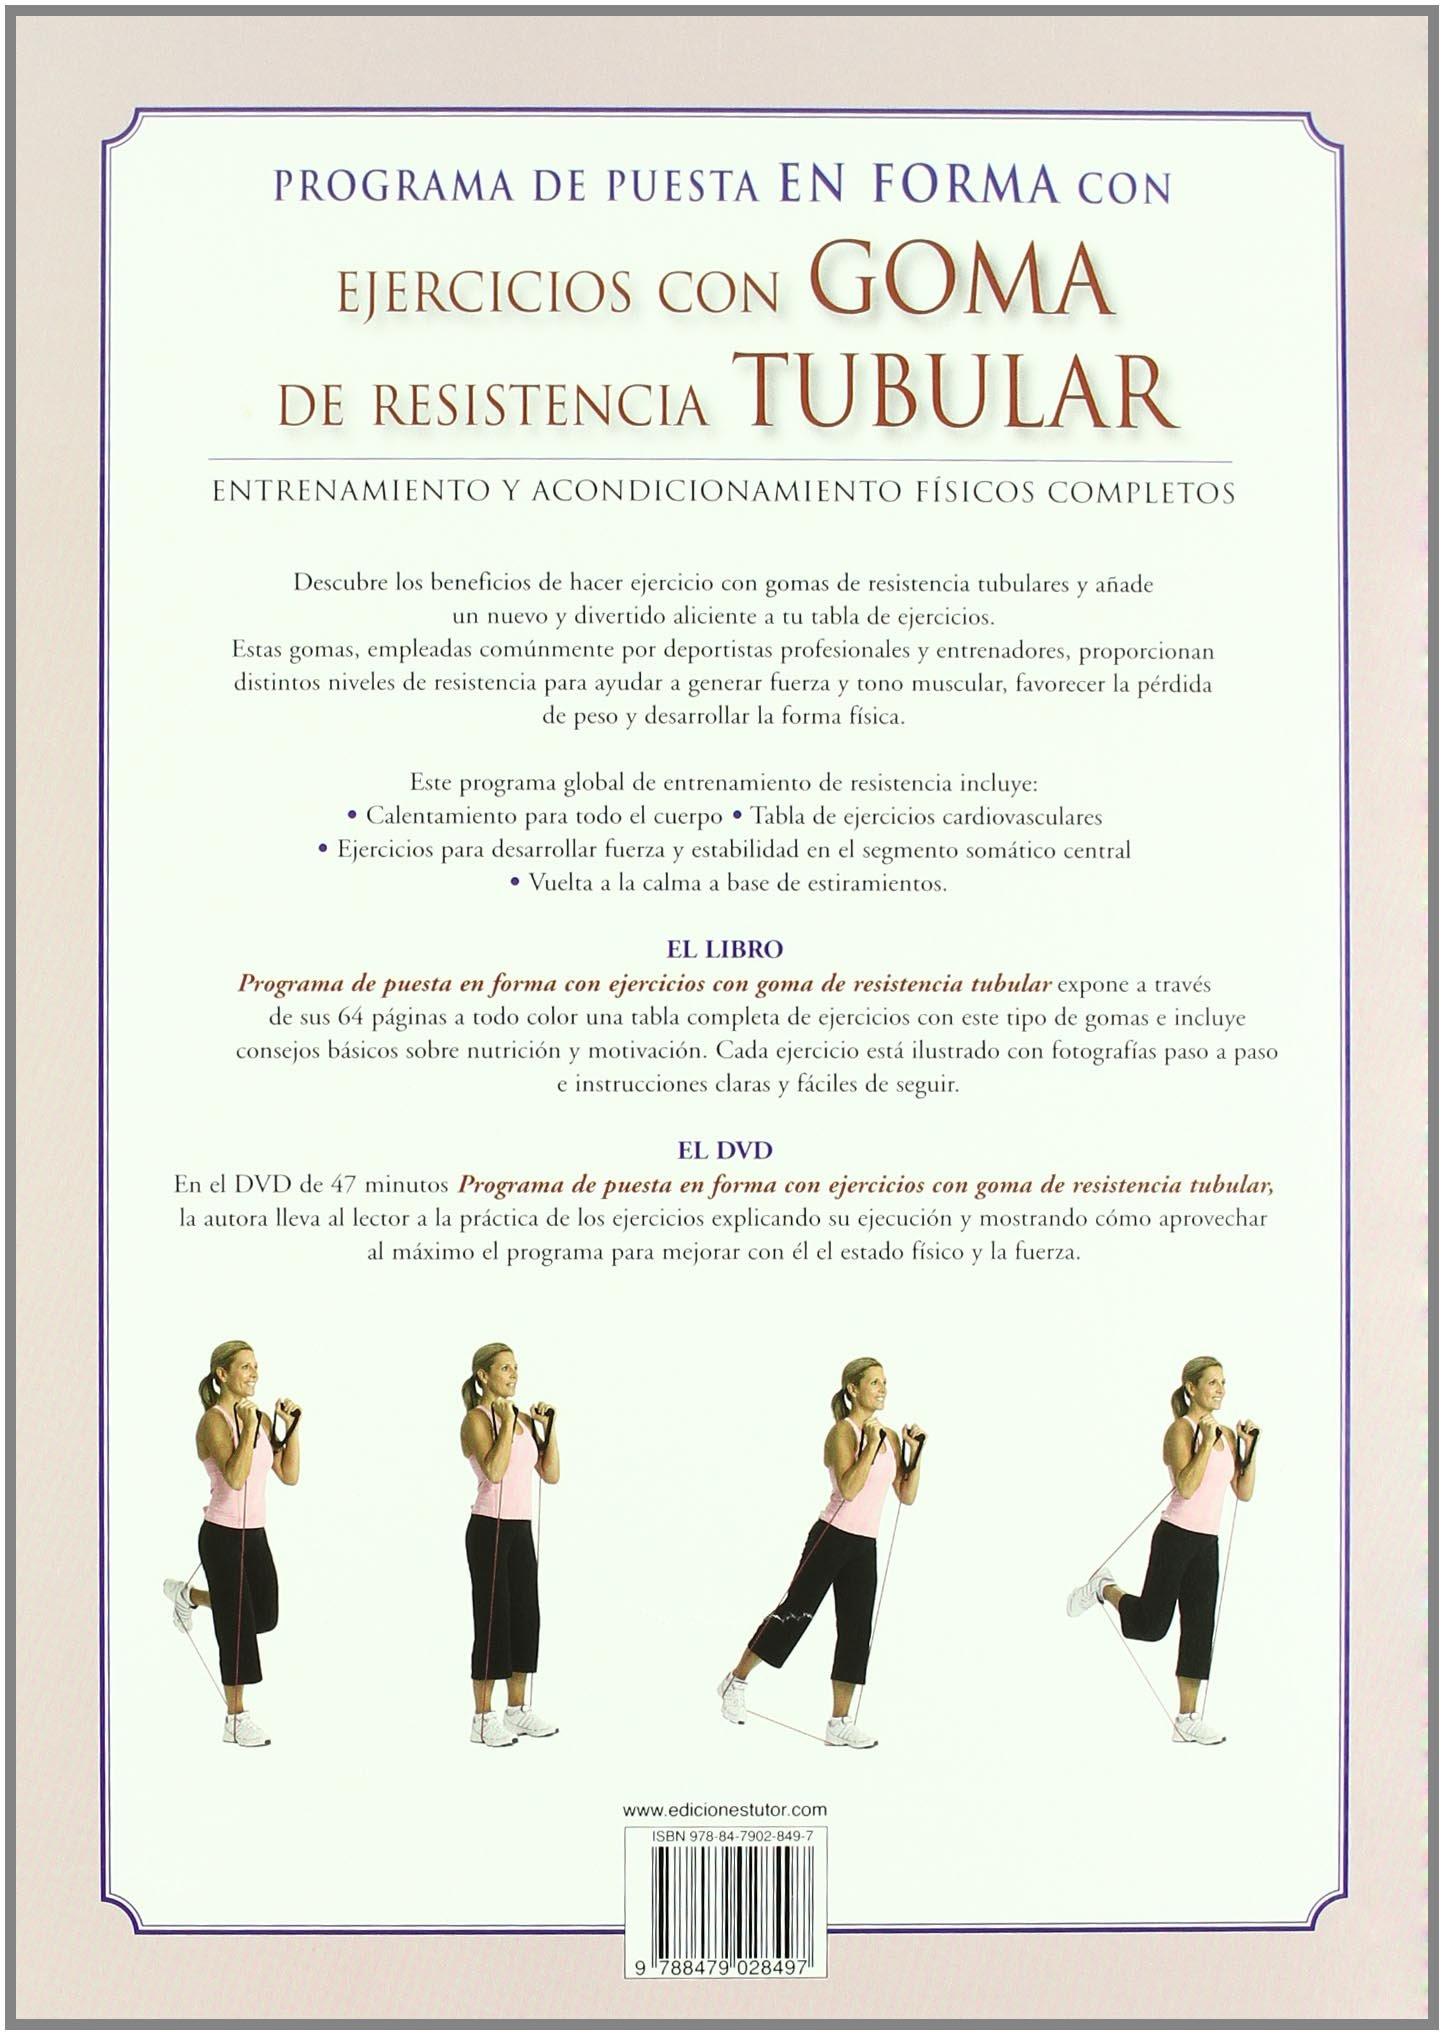 ejercicios pregnancy entrenar solfa syllable resistencia